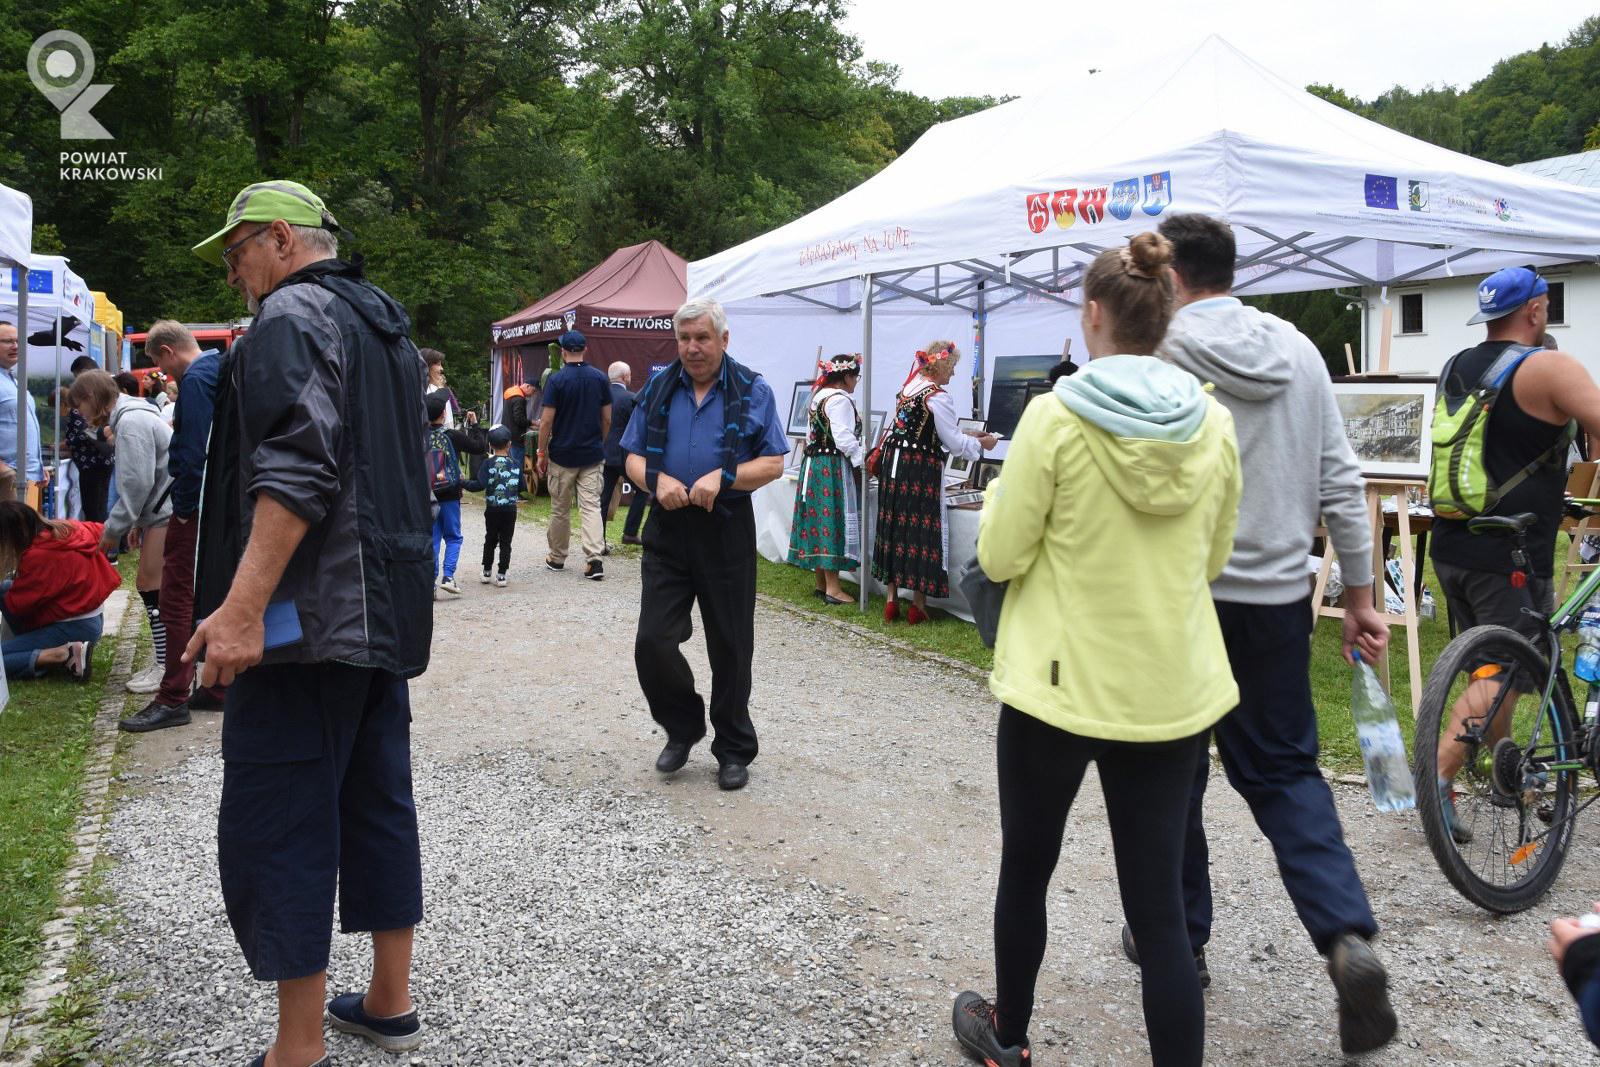 Widok ogólny pikniku - grupy osób i namioty wystawowe